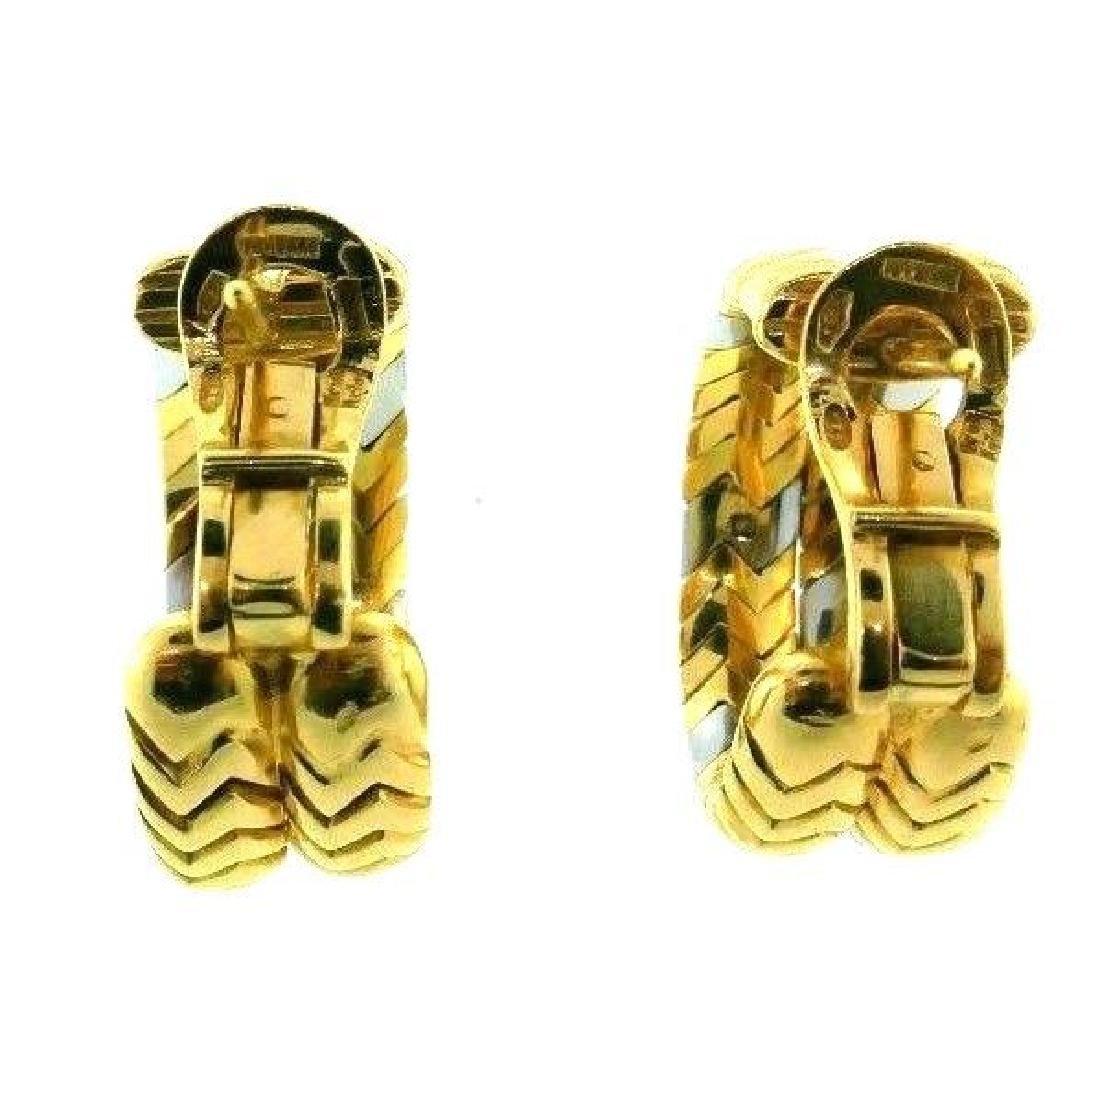 BVLGARI 18k Yellow Gold & Stainless Steel SPIGA - 6